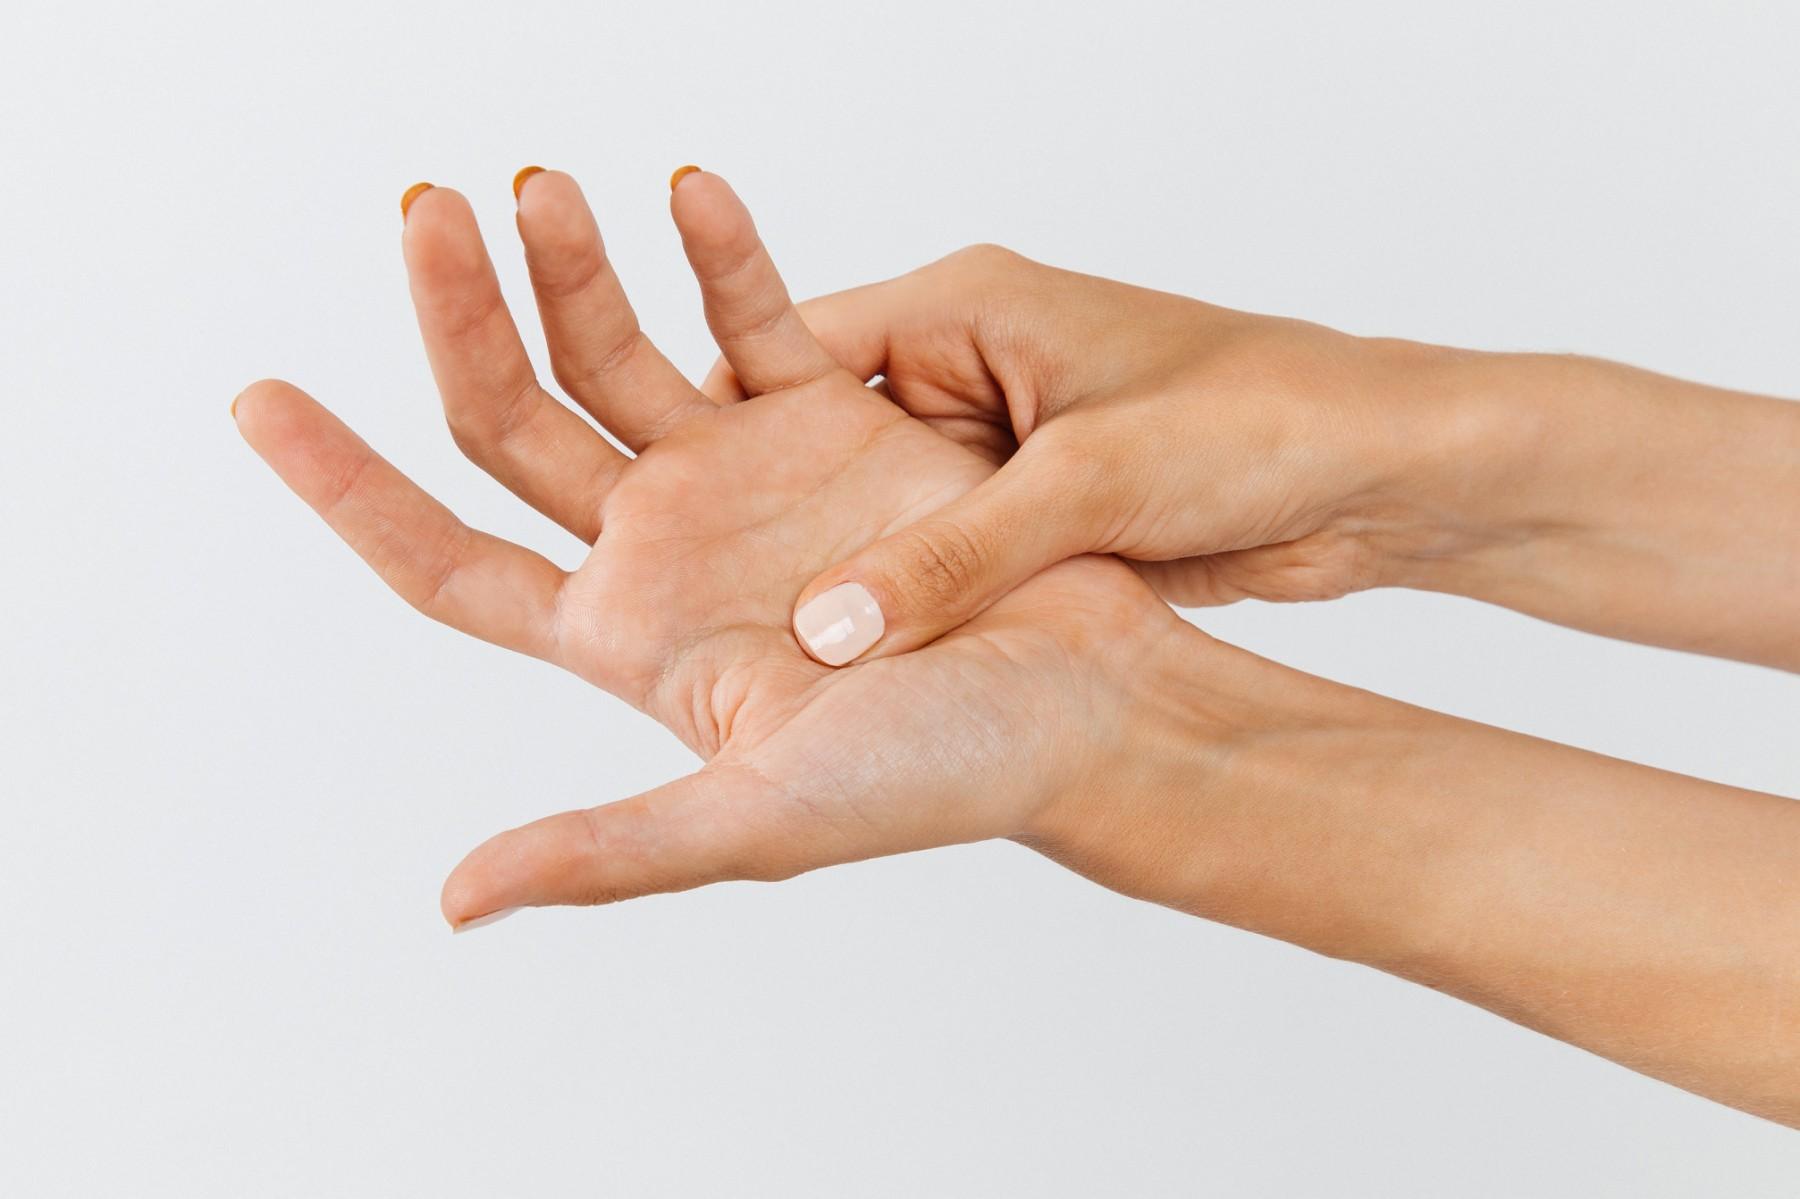 Центр здоров'я Solard - Онемение в руках и ногах у женщины - 33